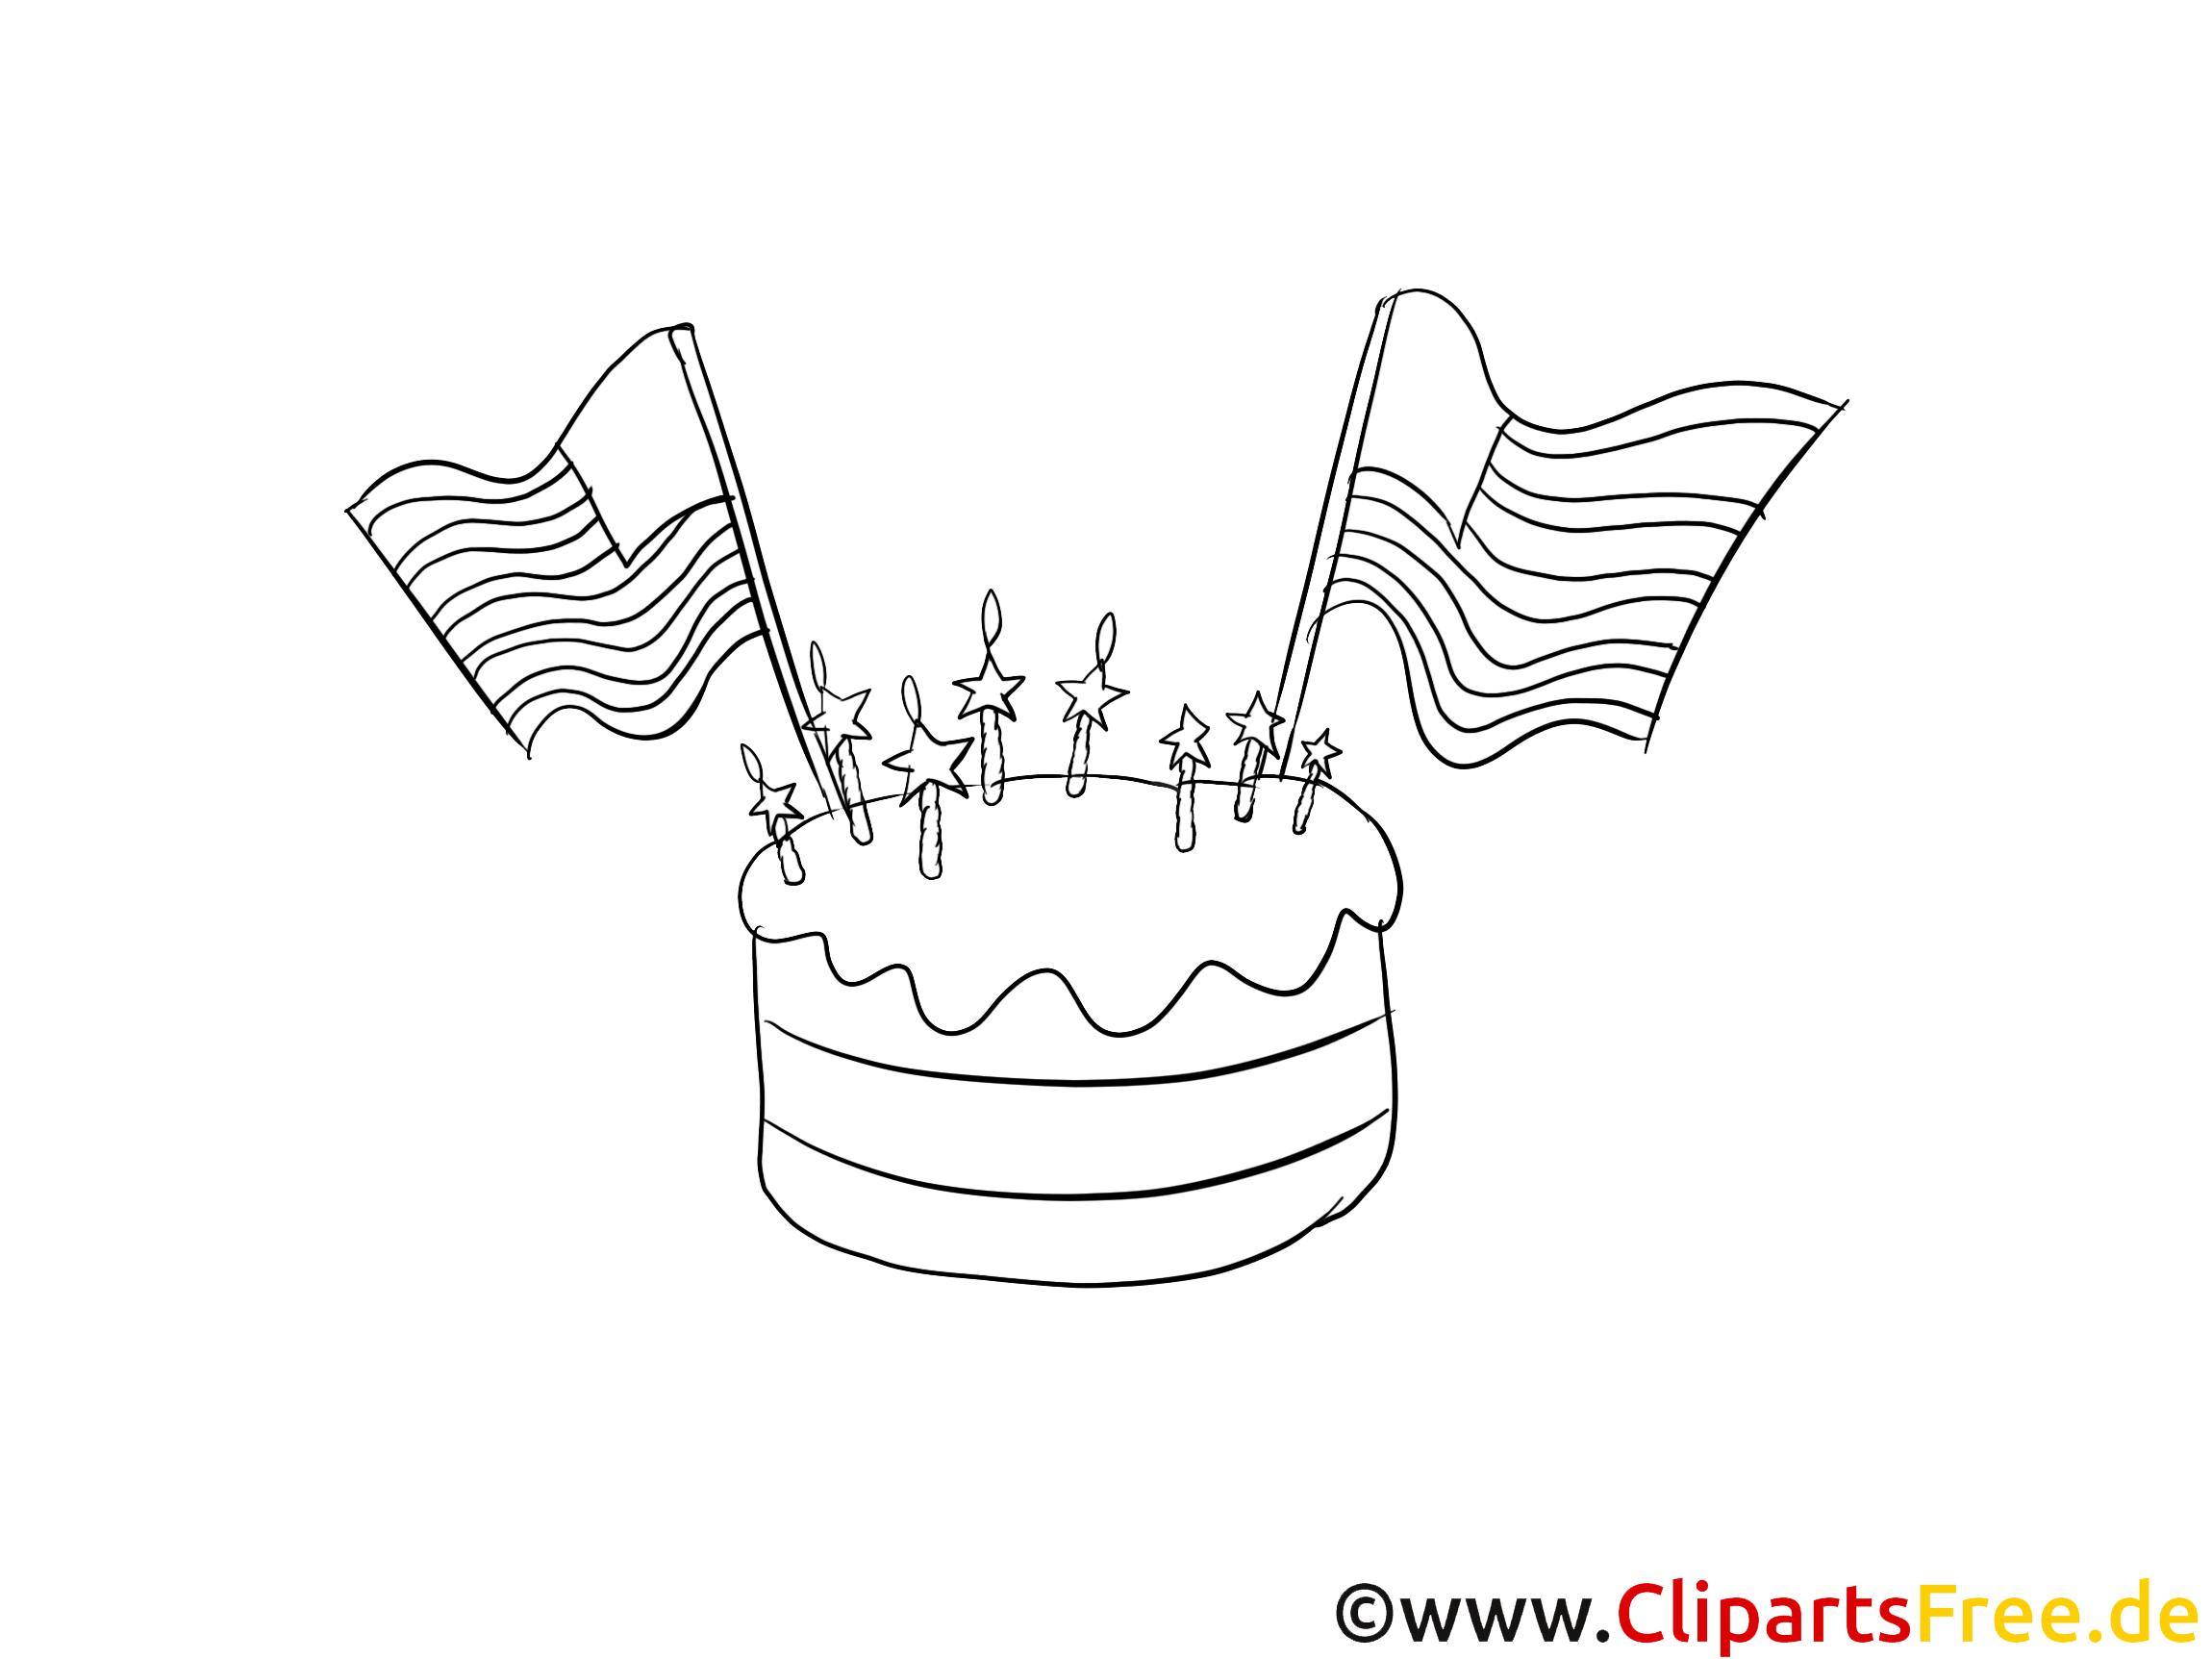 Gâteau illustration – Coloriage jour de l'Indépendance cliparts